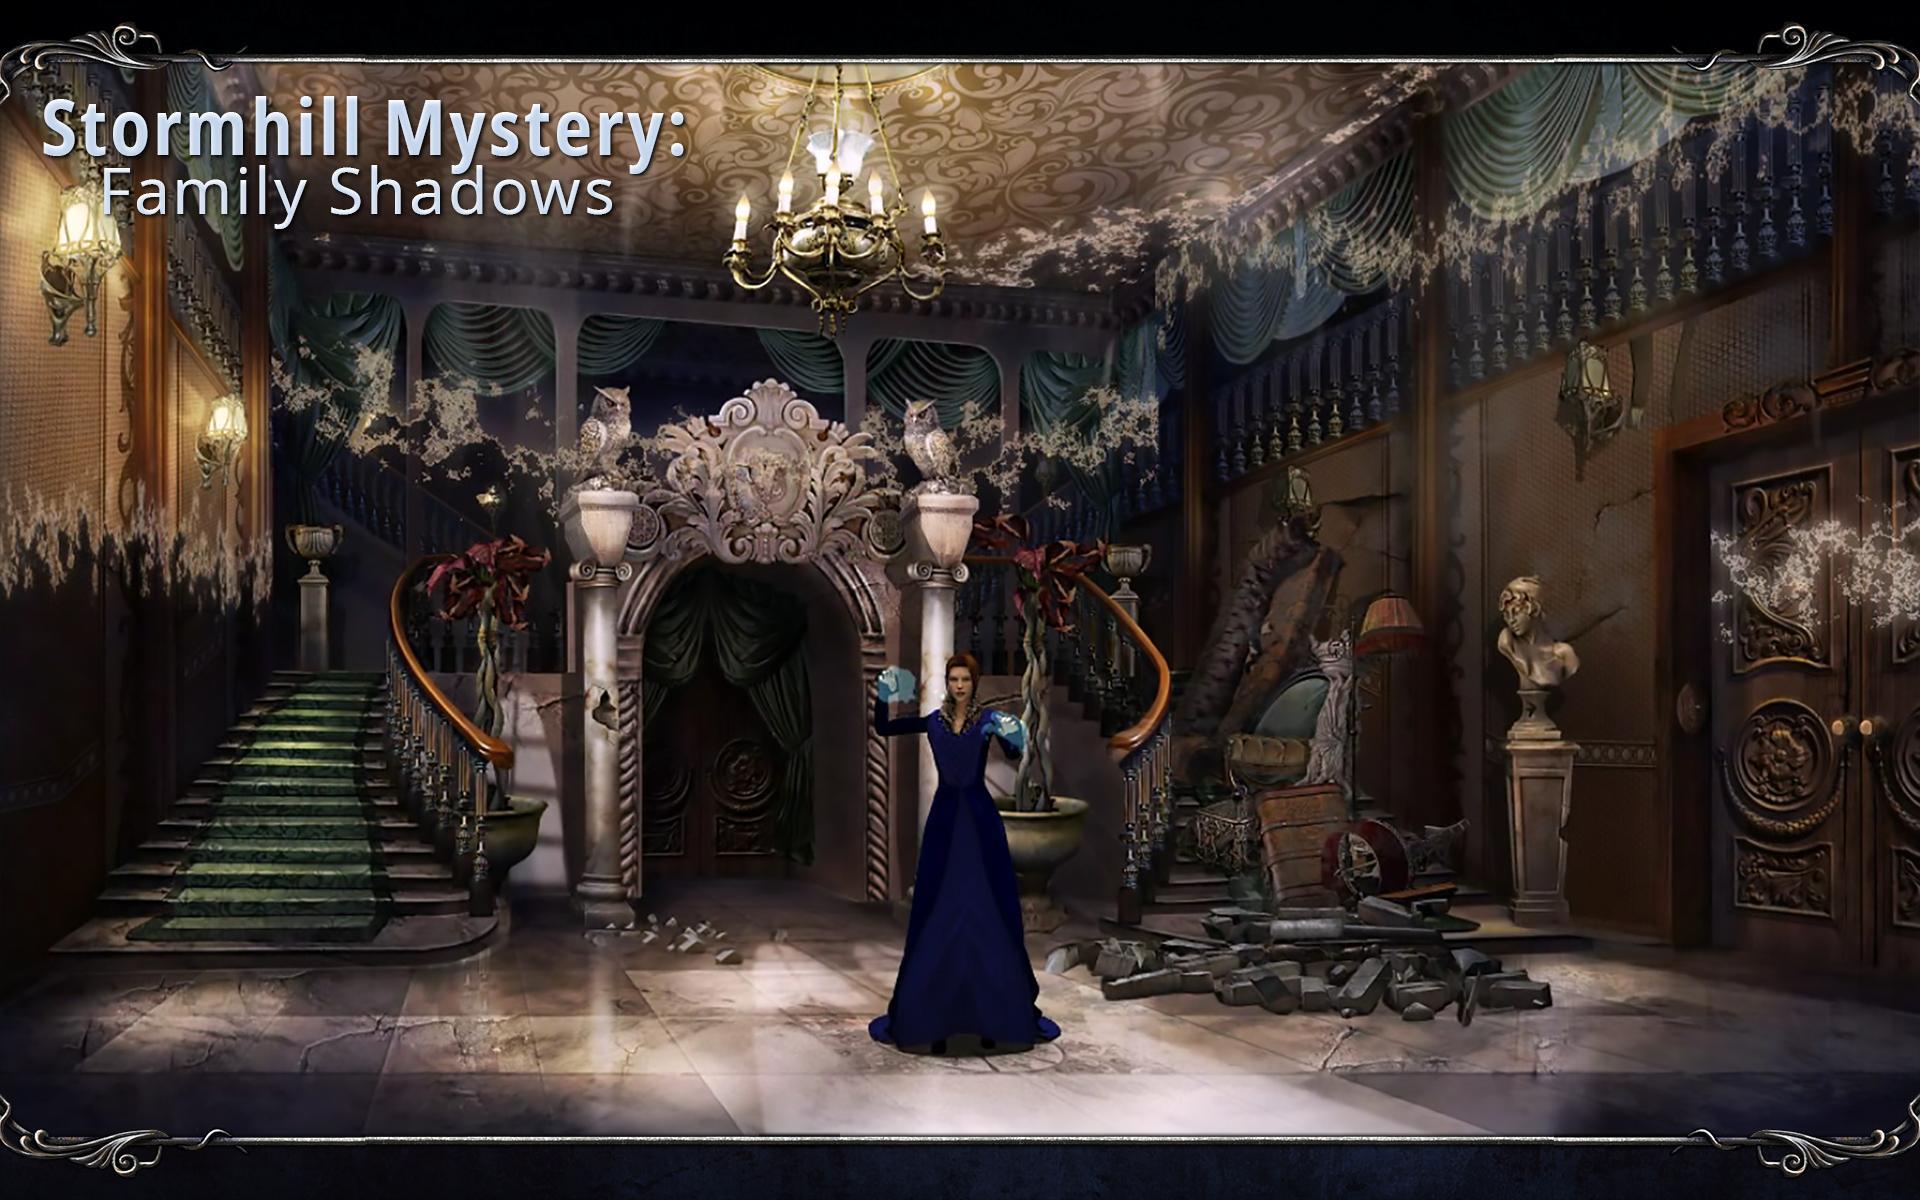 Stormhill Mystery: Family Shadows 1.1 Screenshot 18